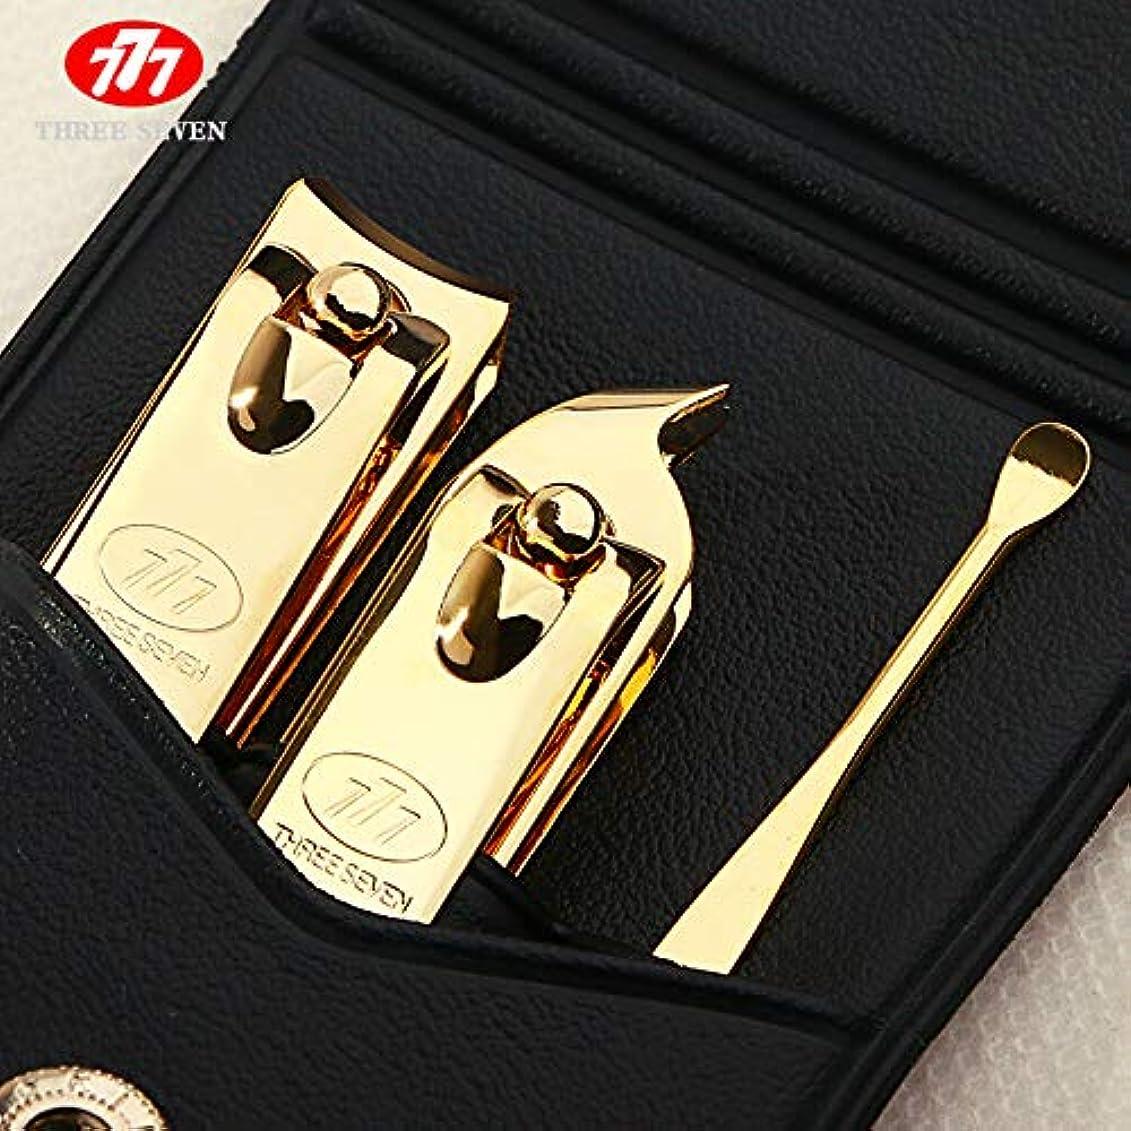 焦げ省略するぼんやりした韓国輸入777爪はさみセットフラット爪はさみセット斜めスプーンセットマニキュアペディキュアナイフホーム耳ネイルツールセット装飾3セット(DS-78G)